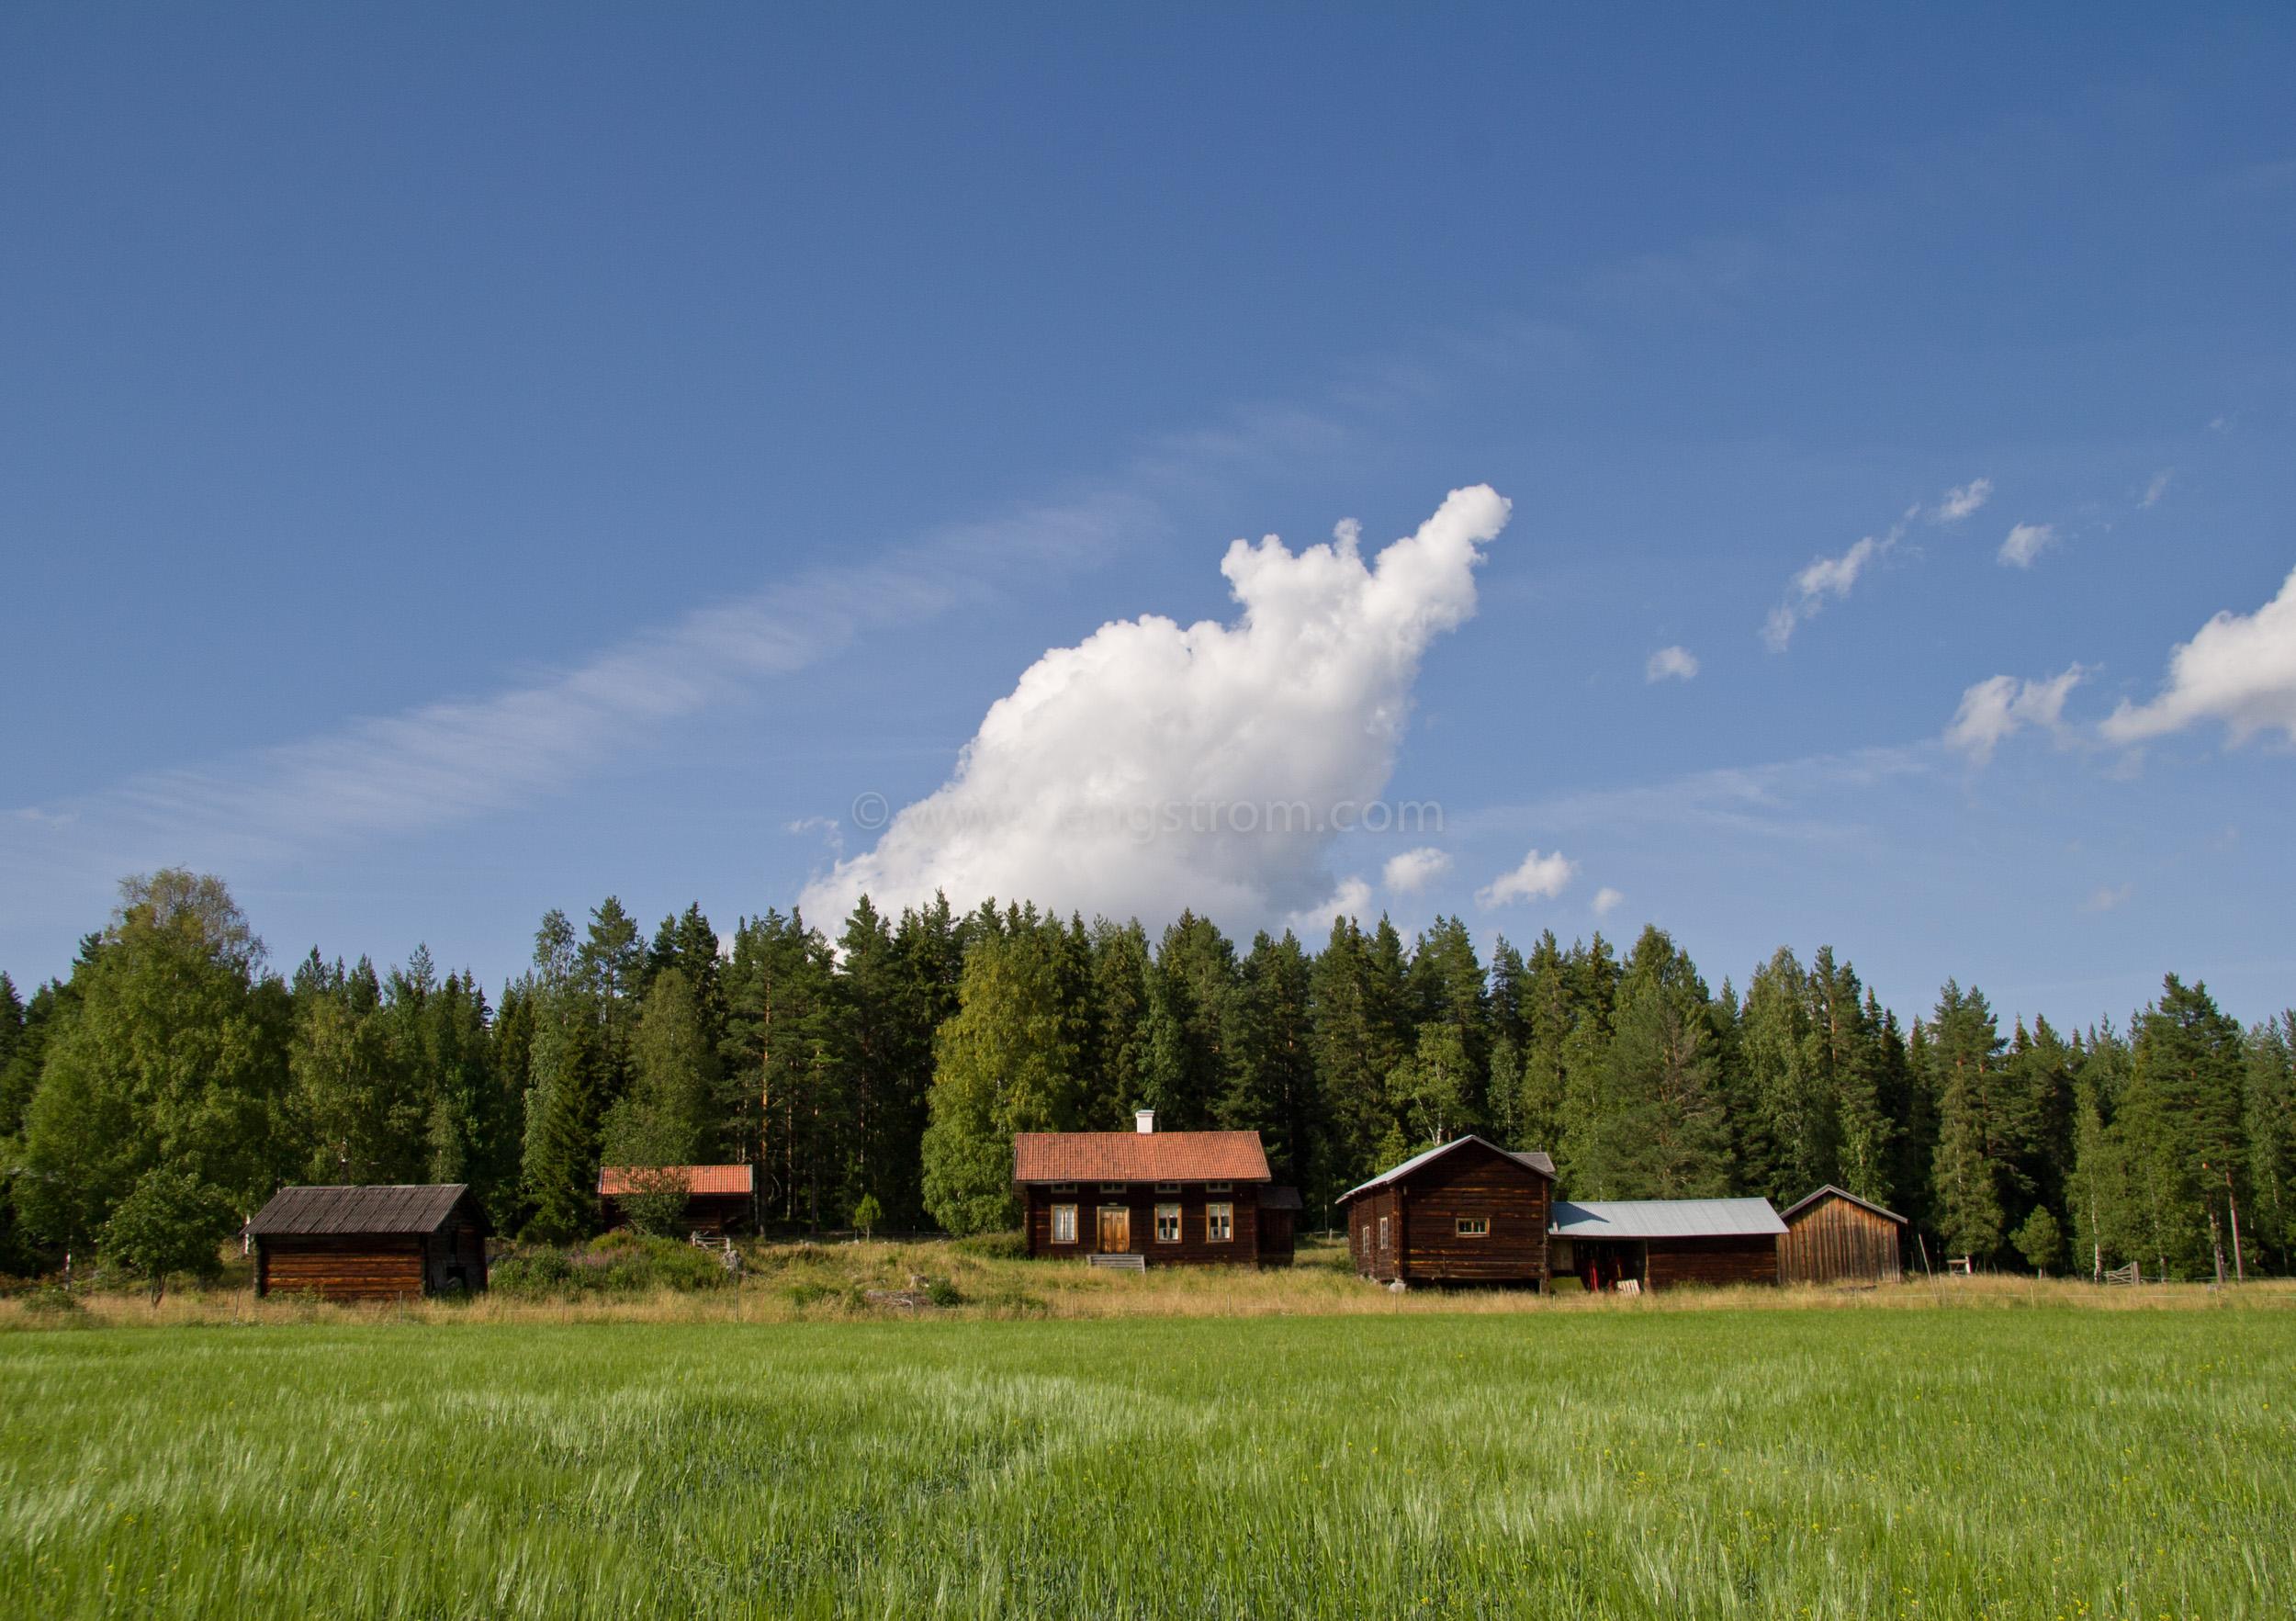 JE_11754, Vacker Hälsingegård i skogsbrynet, Jonas Engström